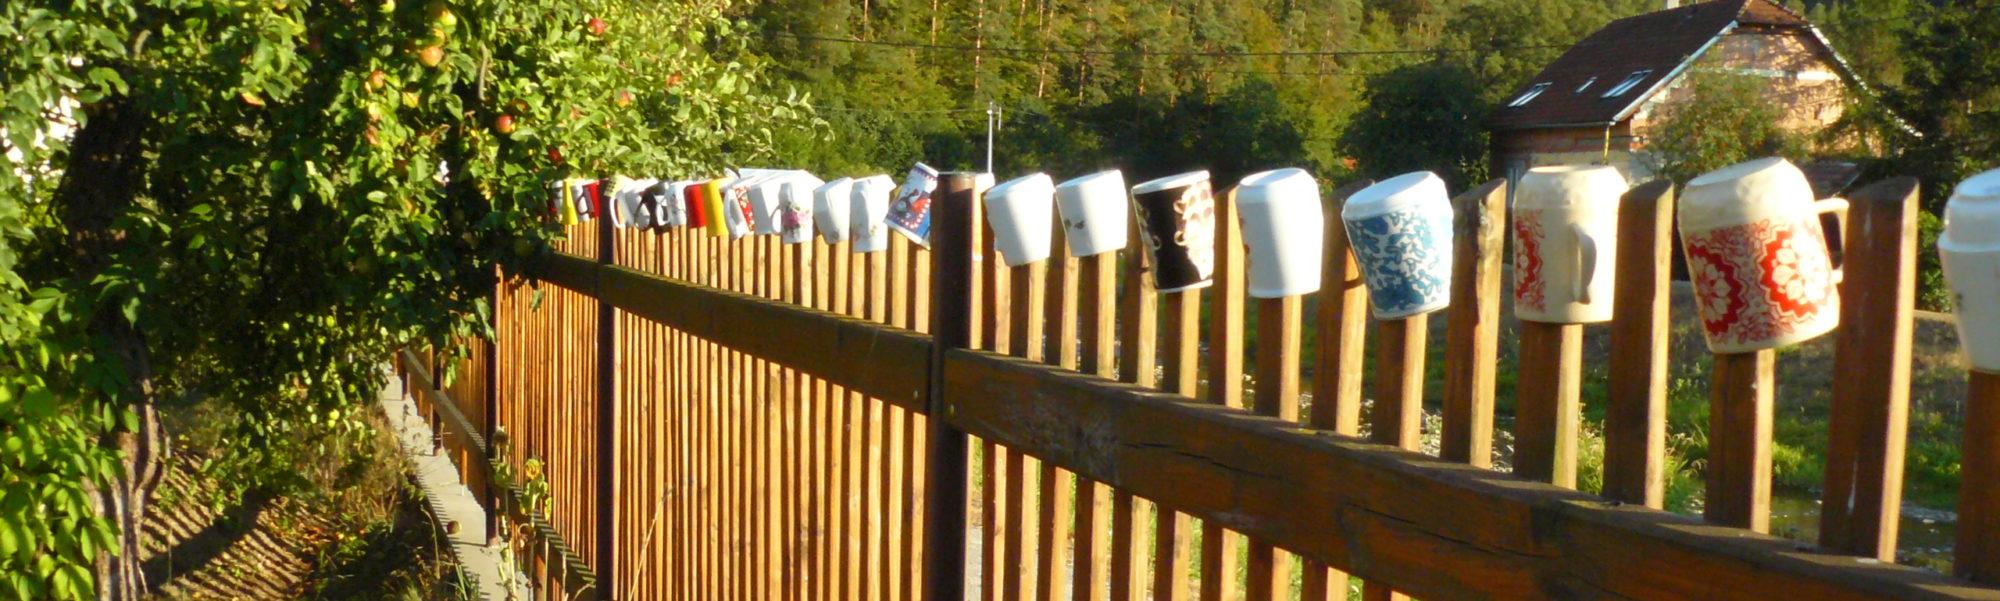 Hrníčkový plot